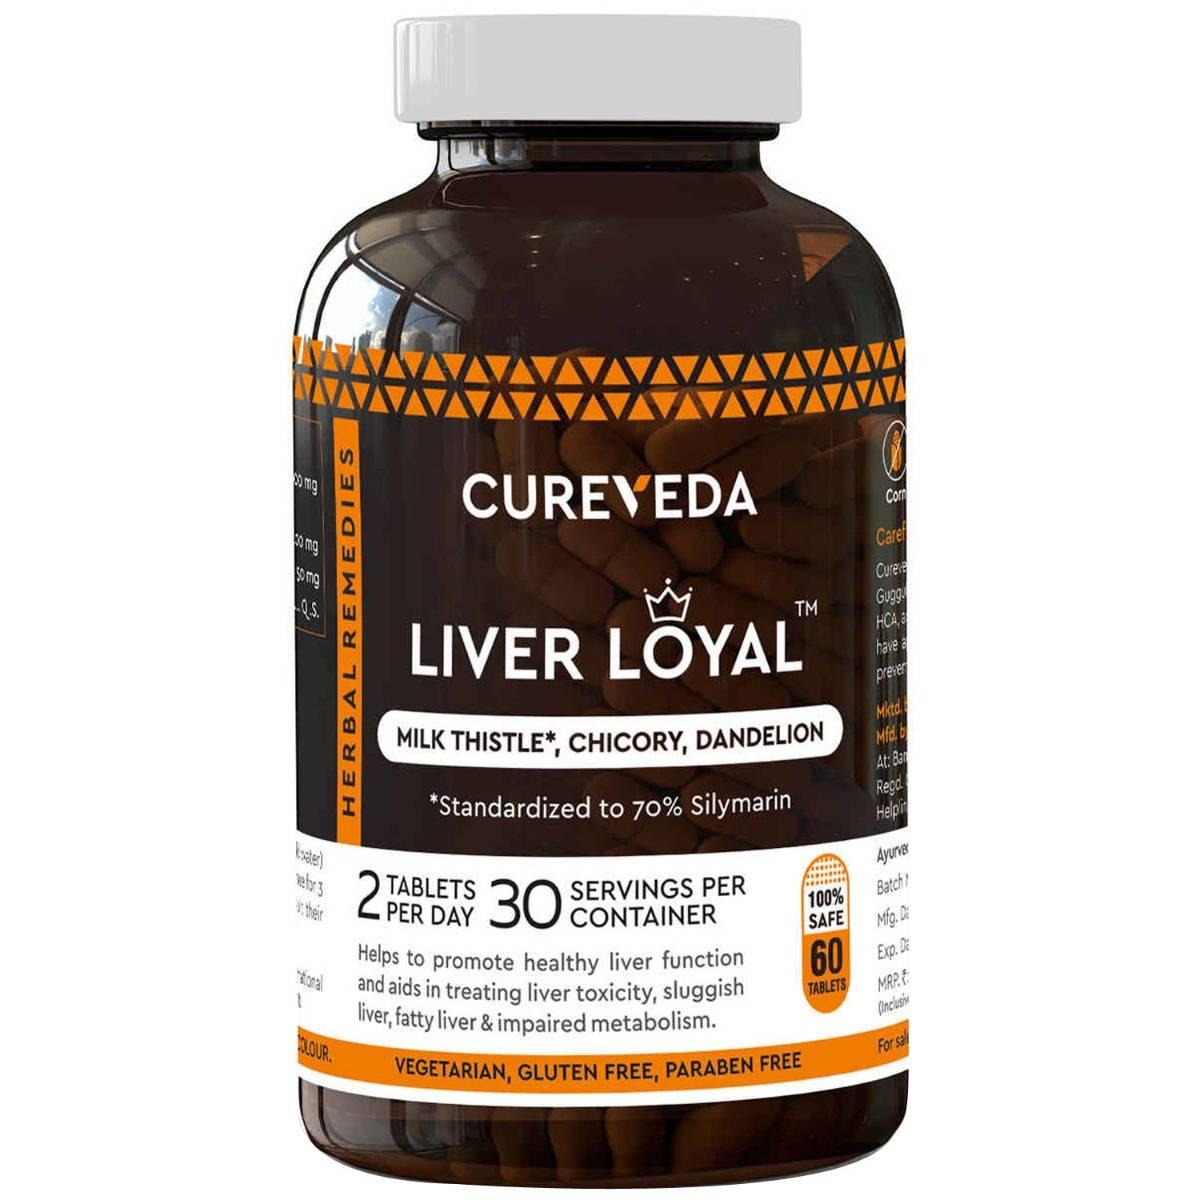 Cureveda Liver Loyal, 60 Tablets